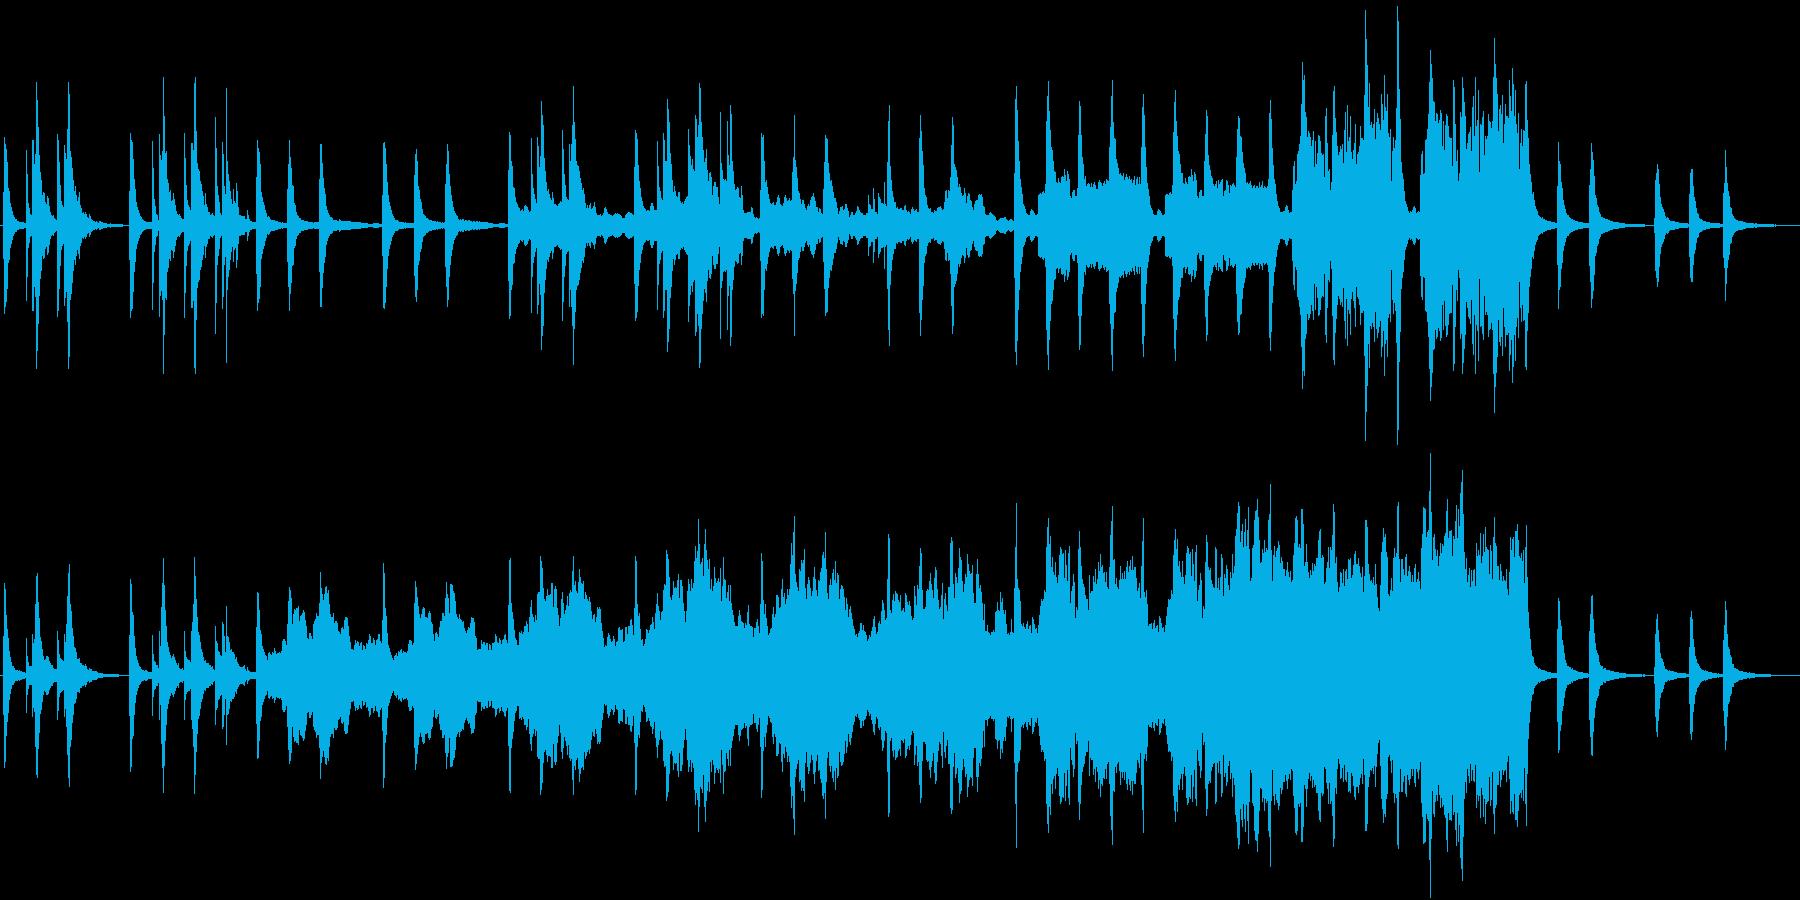 ゲーム中リラックスできる不思議なバラードの再生済みの波形